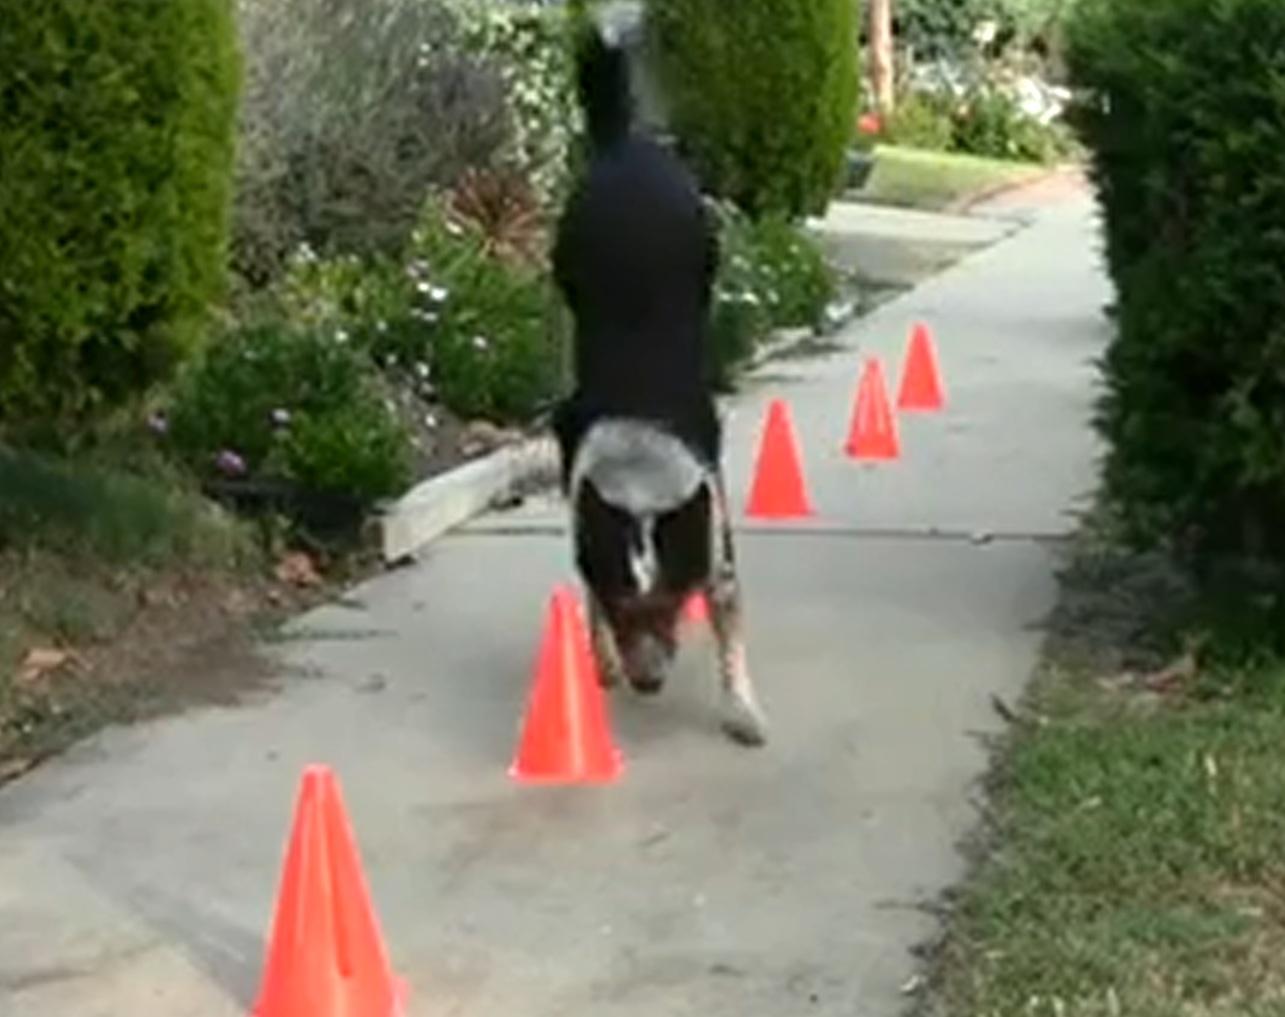 Jumpy este unul dintre cei mai inteligenti caini din lume